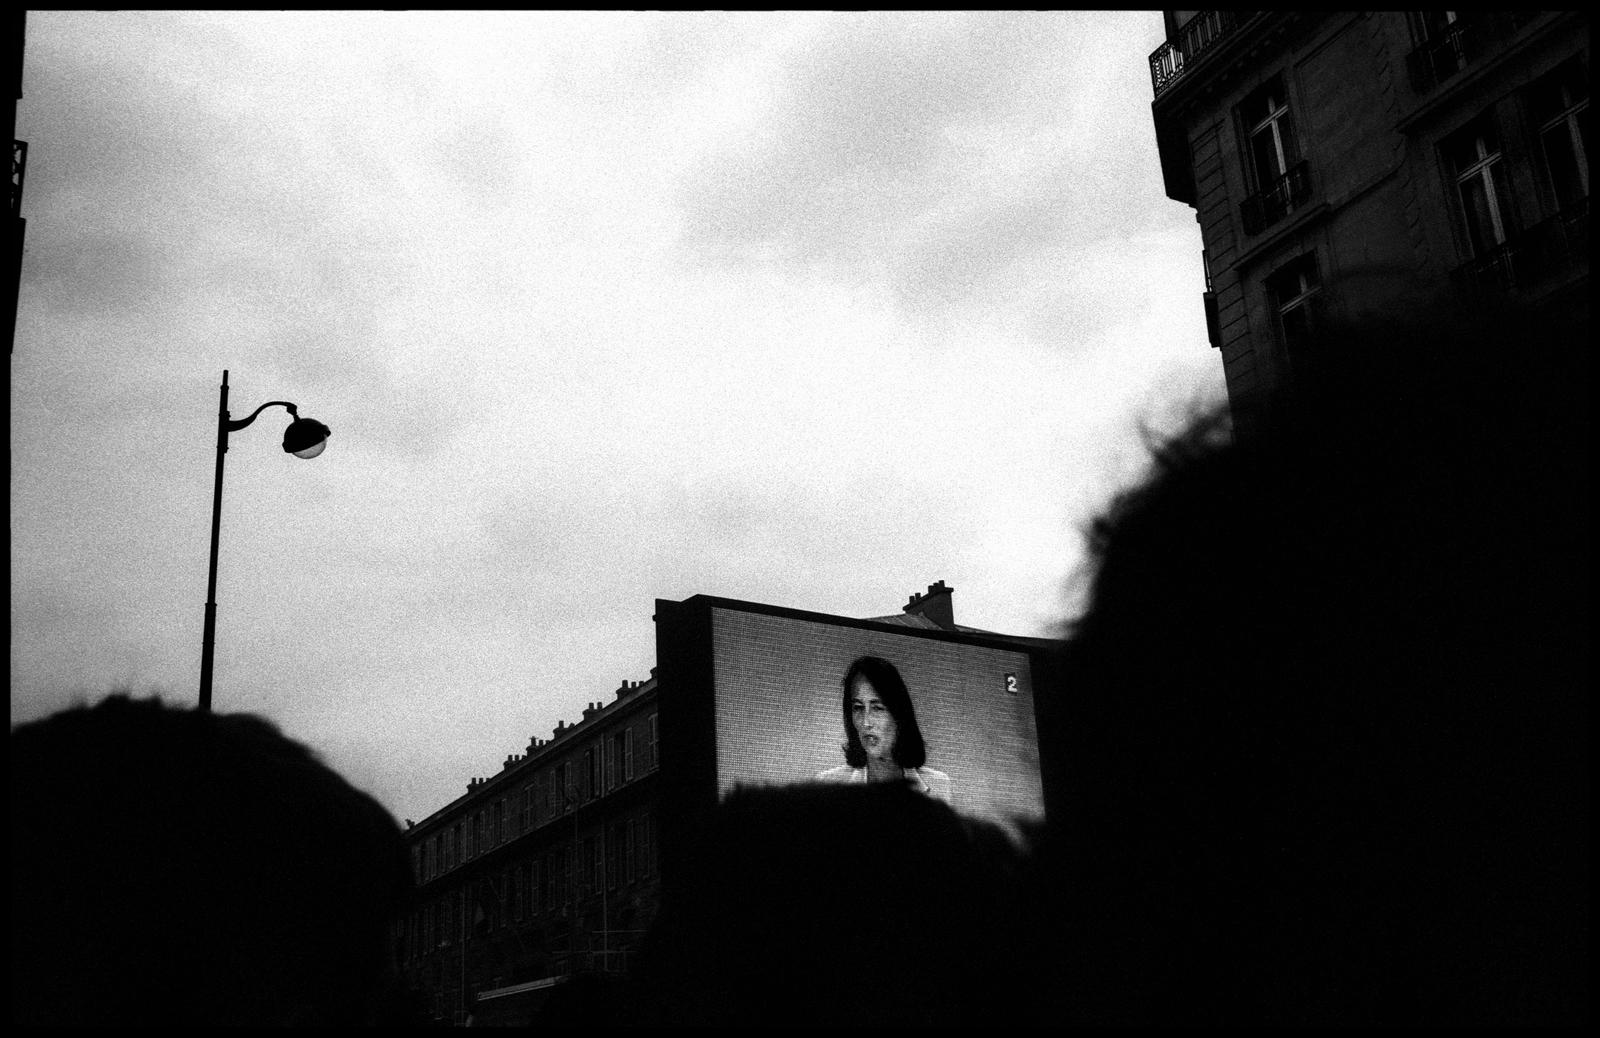 Retransmission rue de solférino du discours de Ségolène Royal peu après 20h le 6 mai 2007. Elle vient de perdre la bataille présidentielle avec 46,94% des voix.